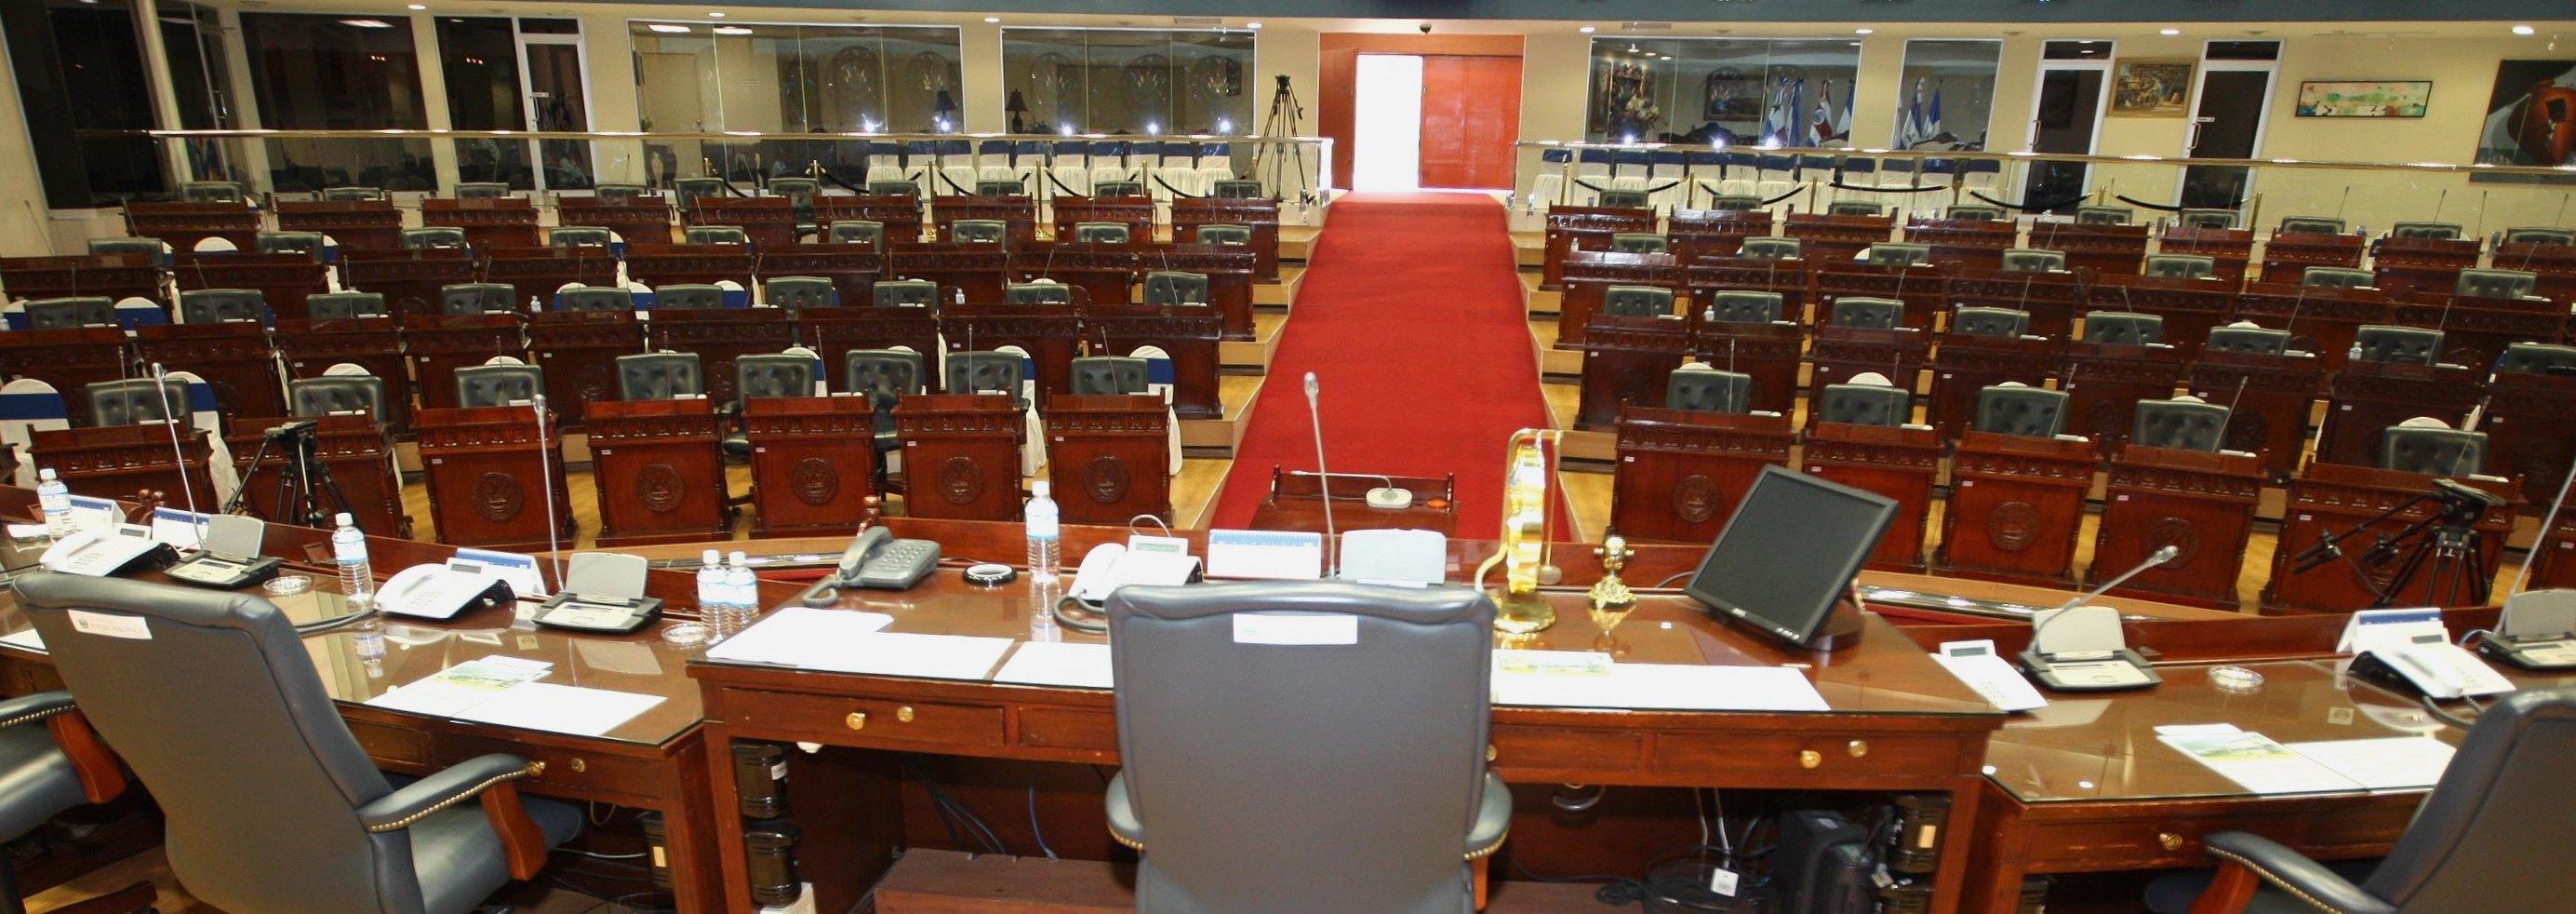 El proceso de instalación de la nueva Asamblea Legislativa mandata crear dos comisiones: Preparatoria y de Instalación